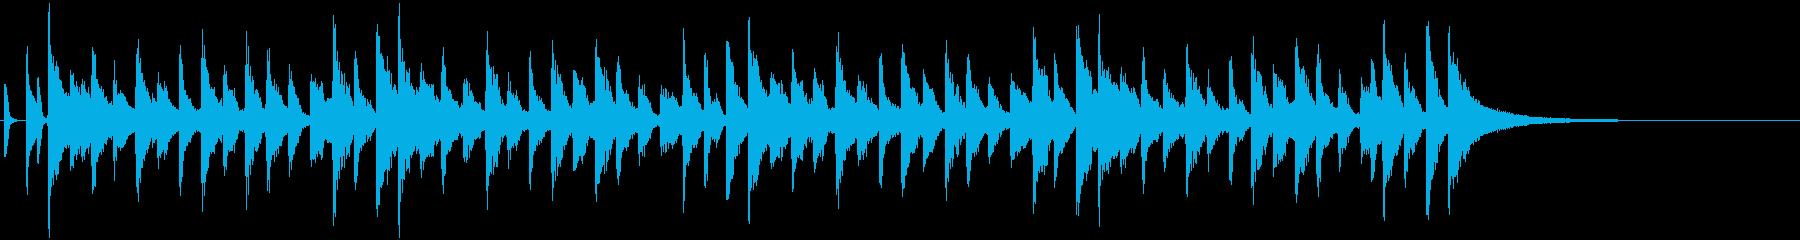 コーナータイトル_J-テクノの再生済みの波形